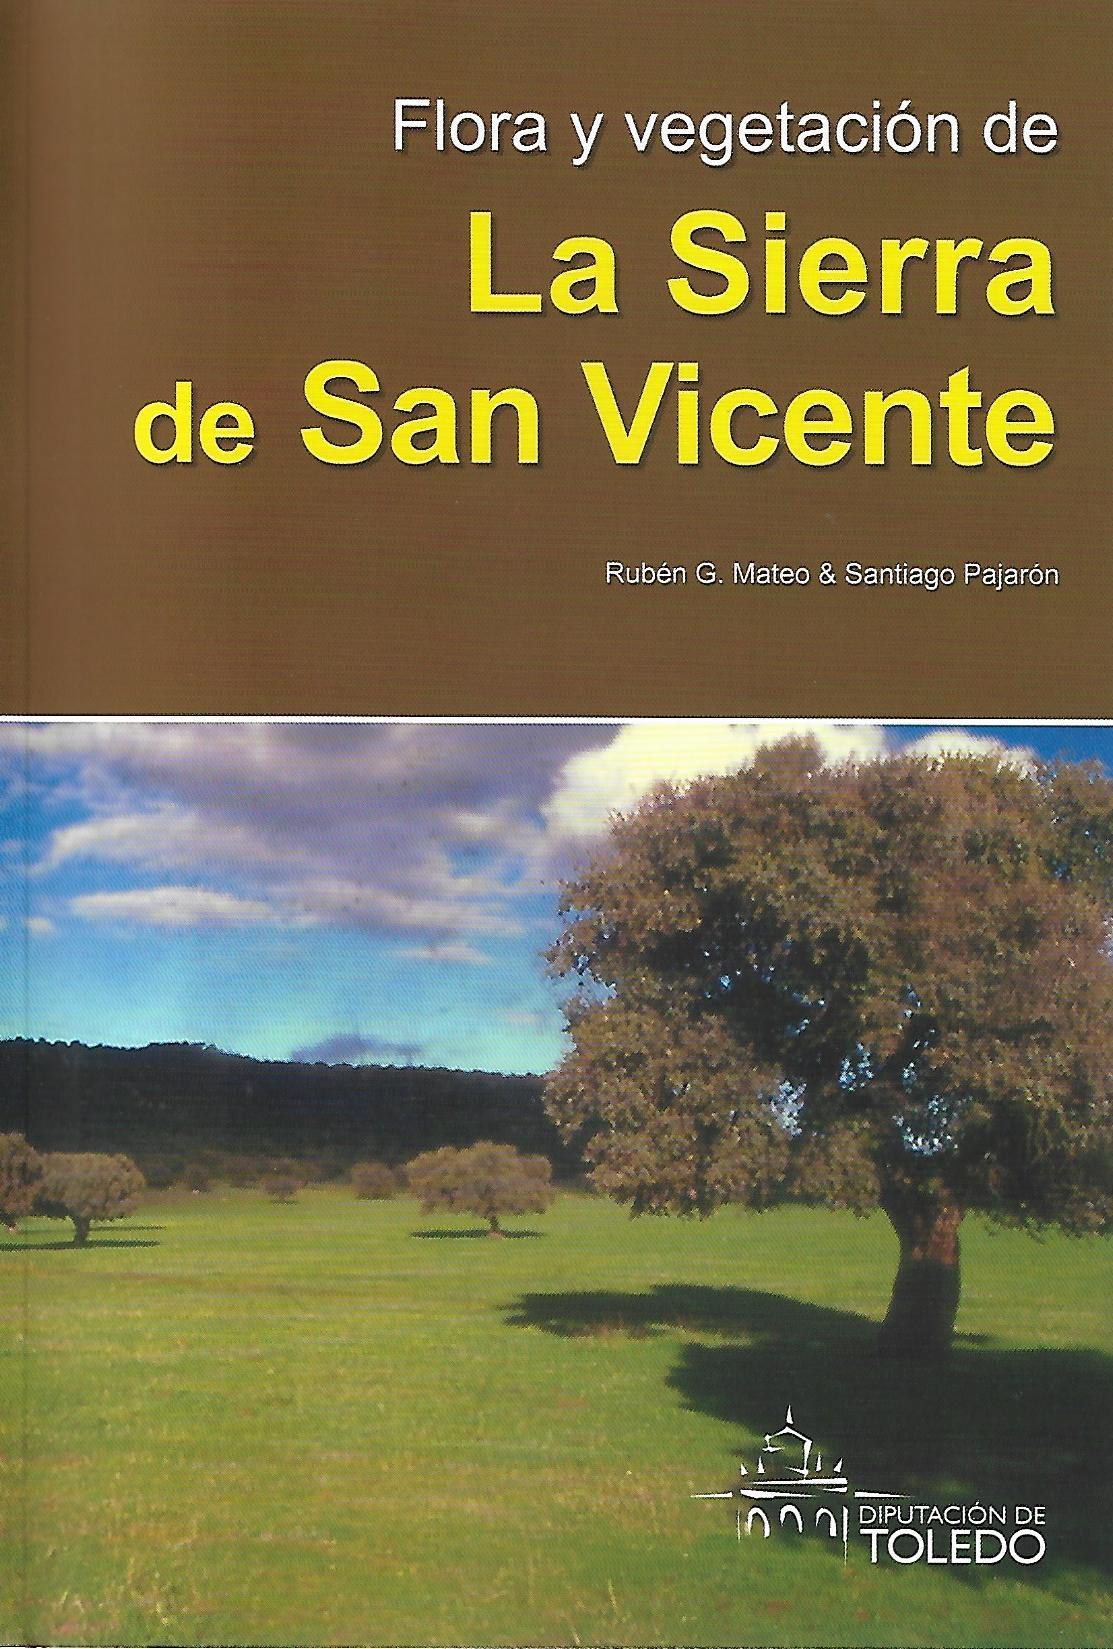 Flora y vegetación de la Sierra de San Vicente